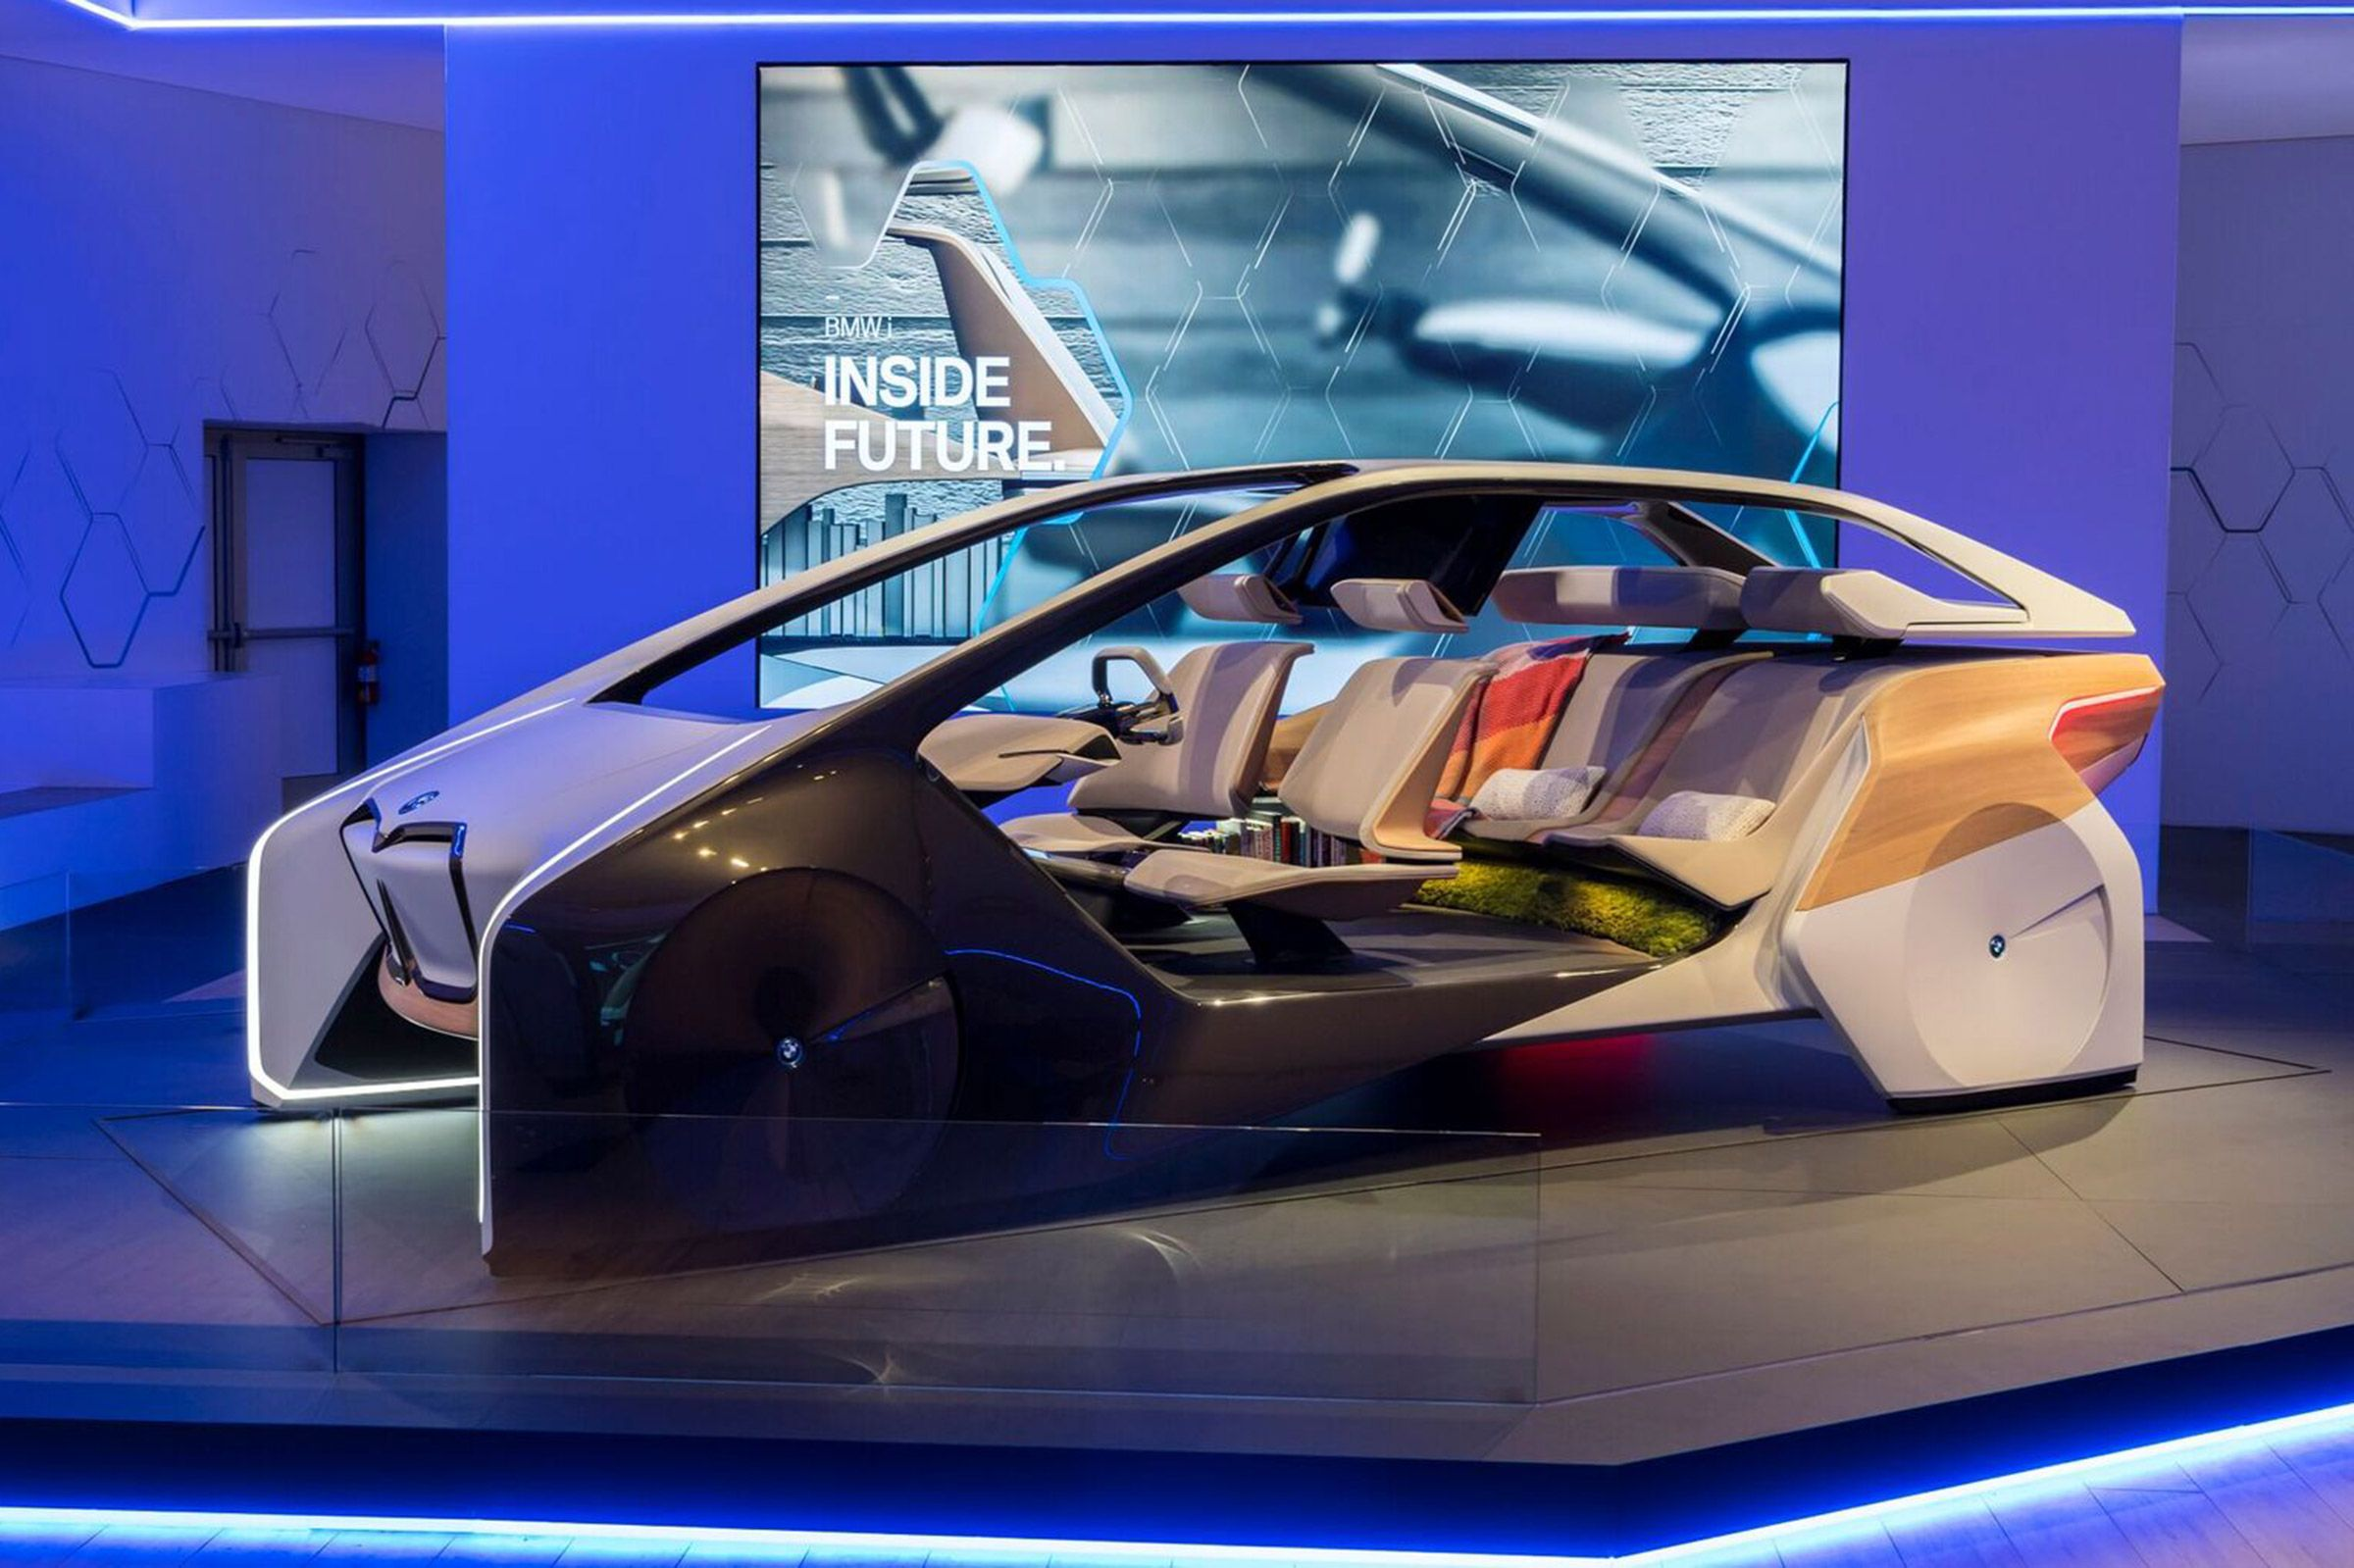 BMW Future Inside CES 2017 Pinterest